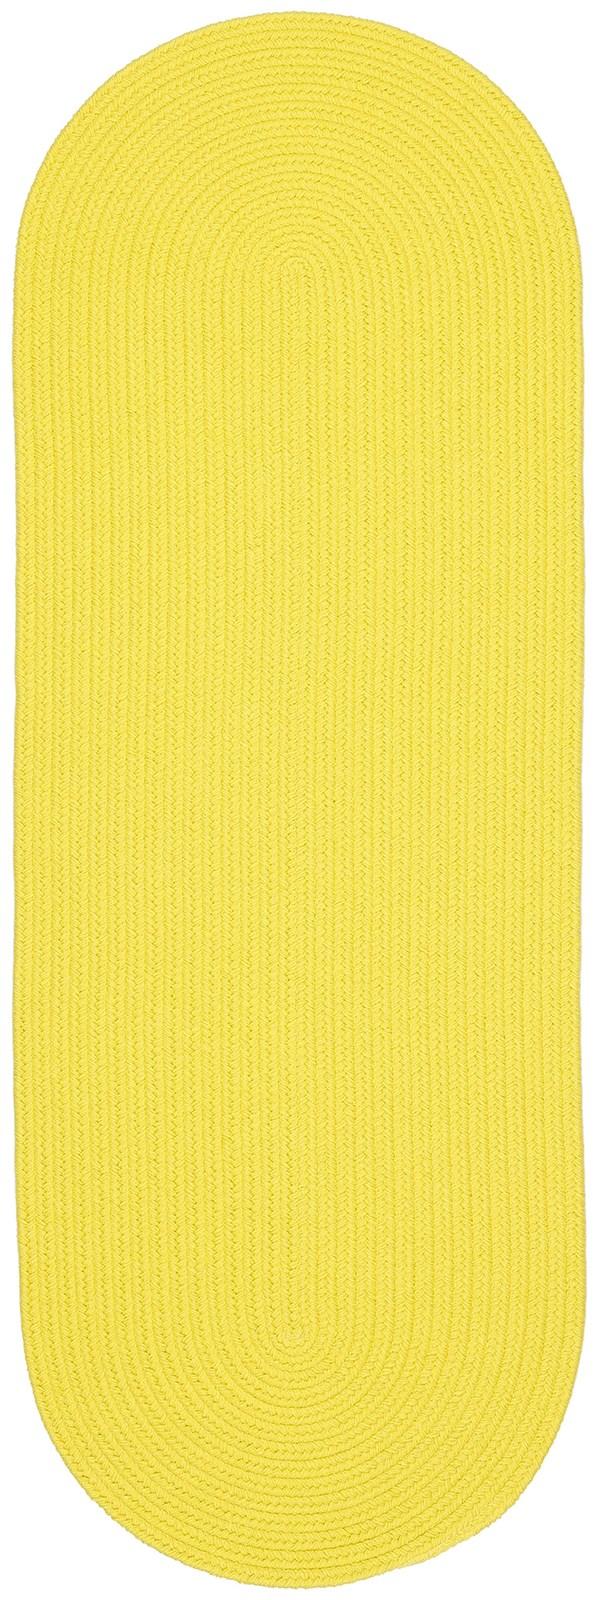 Yellow (14) Outdoor / Indoor Area Rug